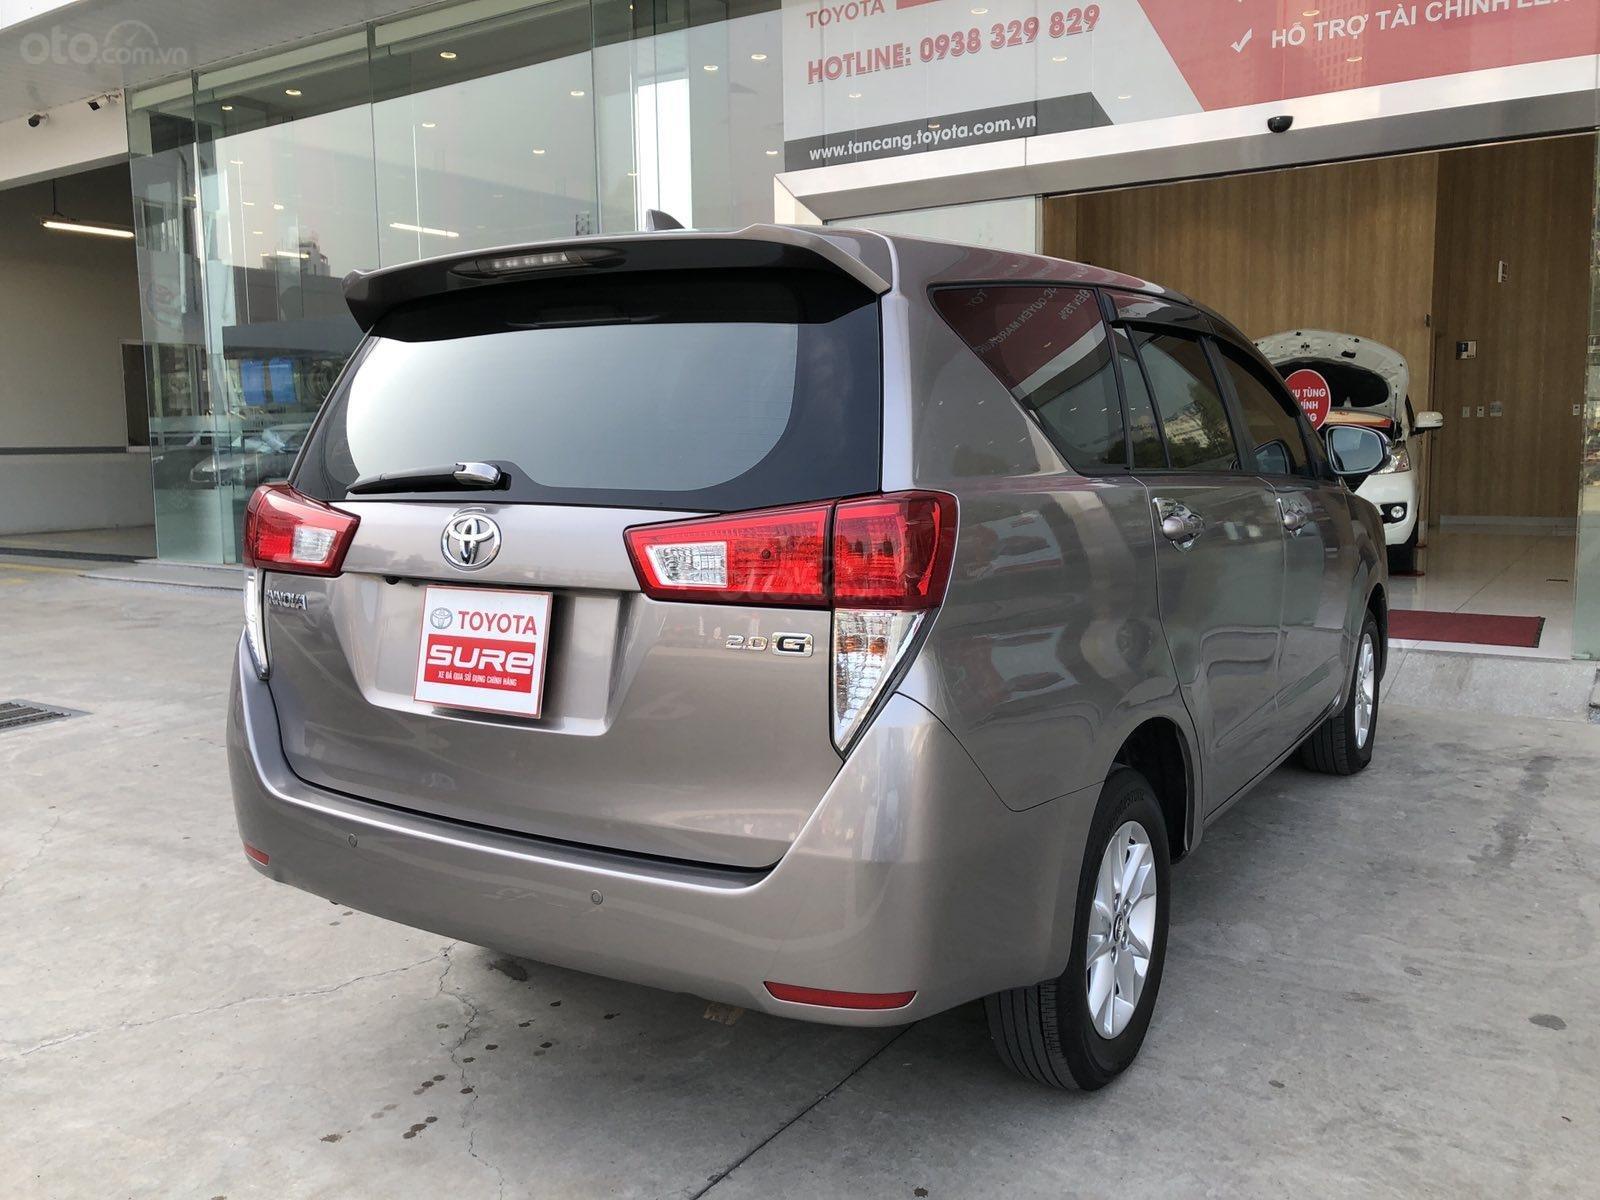 Cần bán xe Toyota Innova 2.0G AT 2017, màu đồng gia đình HCM đi 106.000km - xe cũ chính hãng Toyota Sure (5)